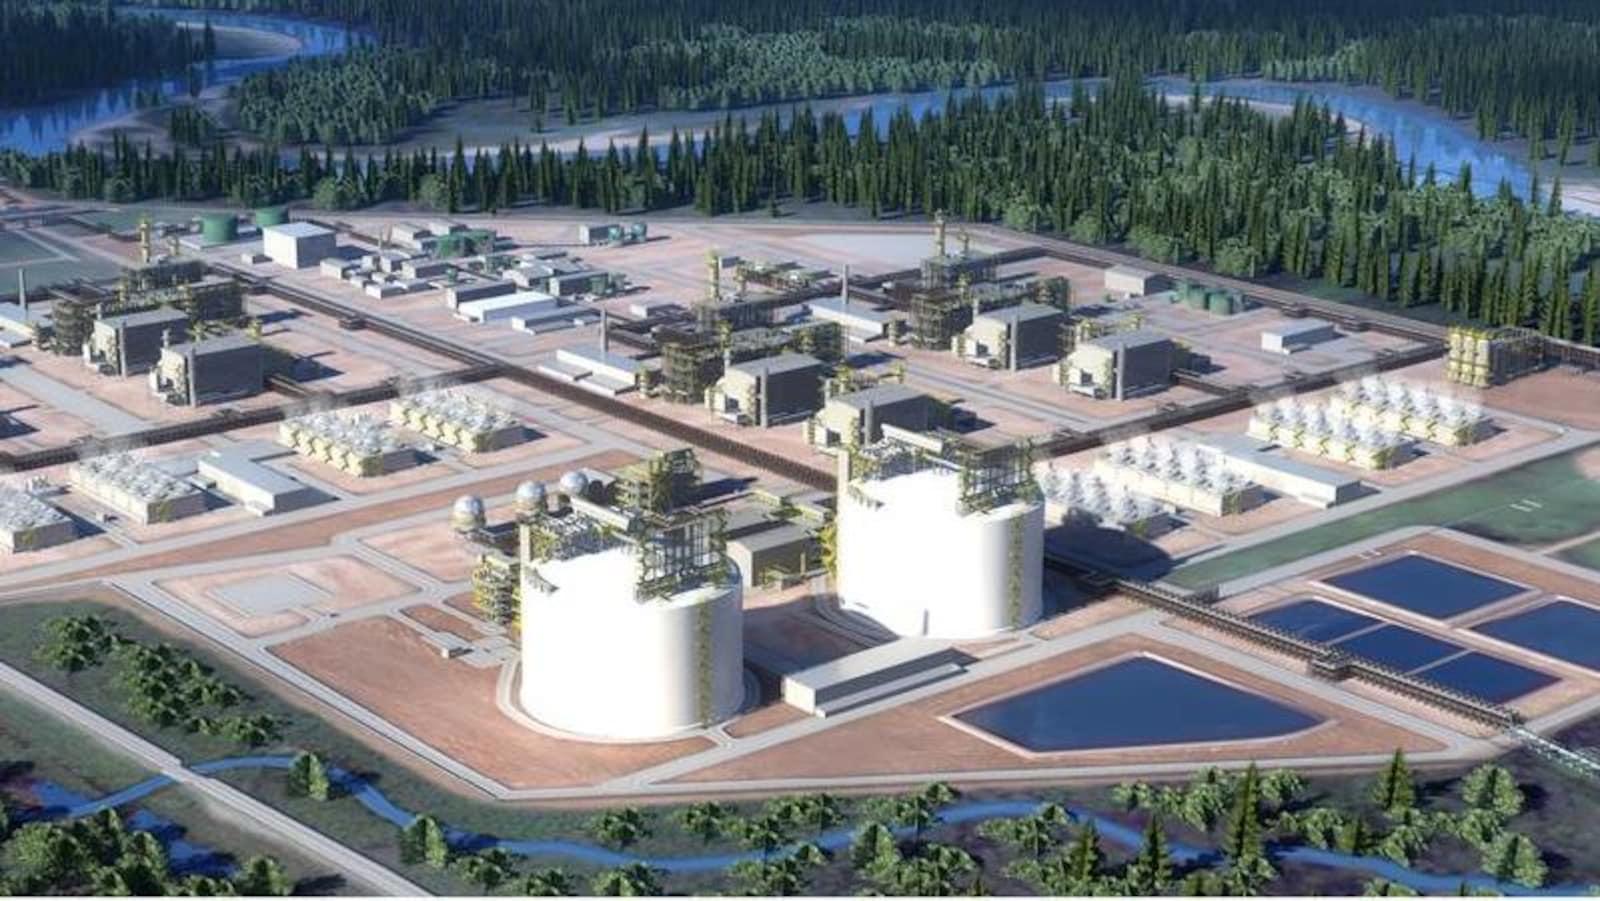 Une représentation du projet de gaz naturel liquéfié dans le nord de la Colombie-Britannique.